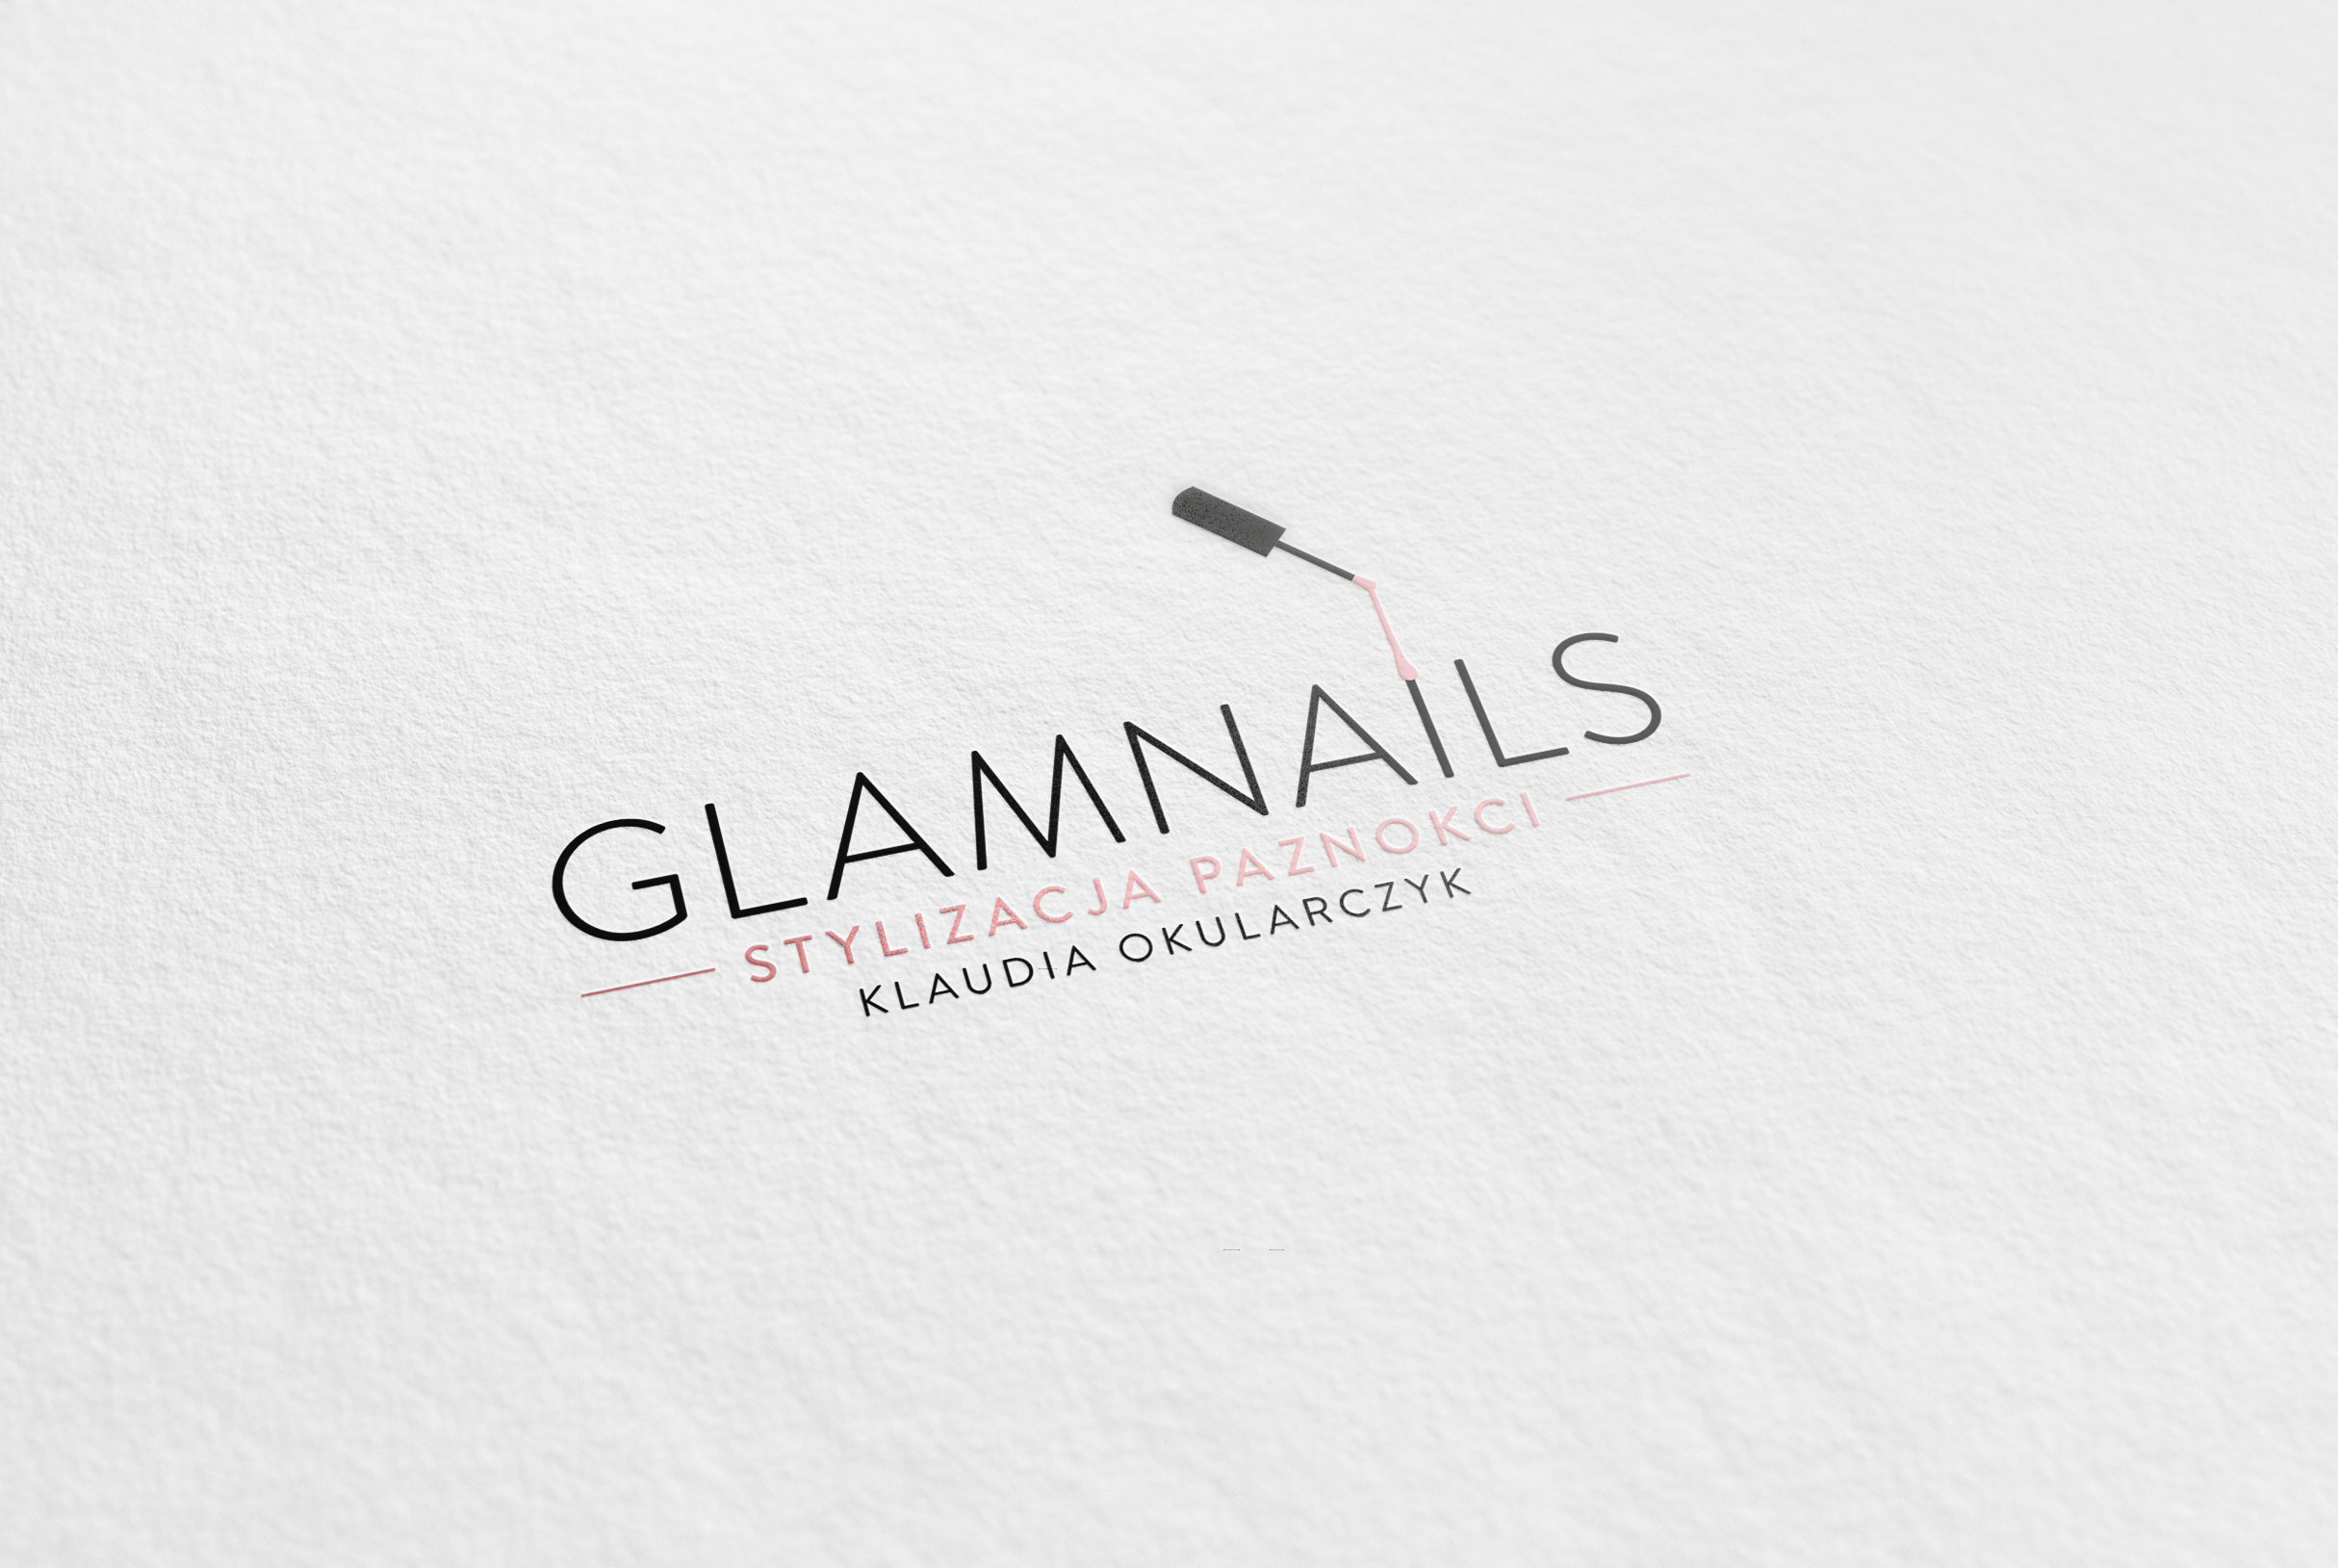 Projekt Logo Stylizacja Paznokci Glamnails Fabryka Kreacji